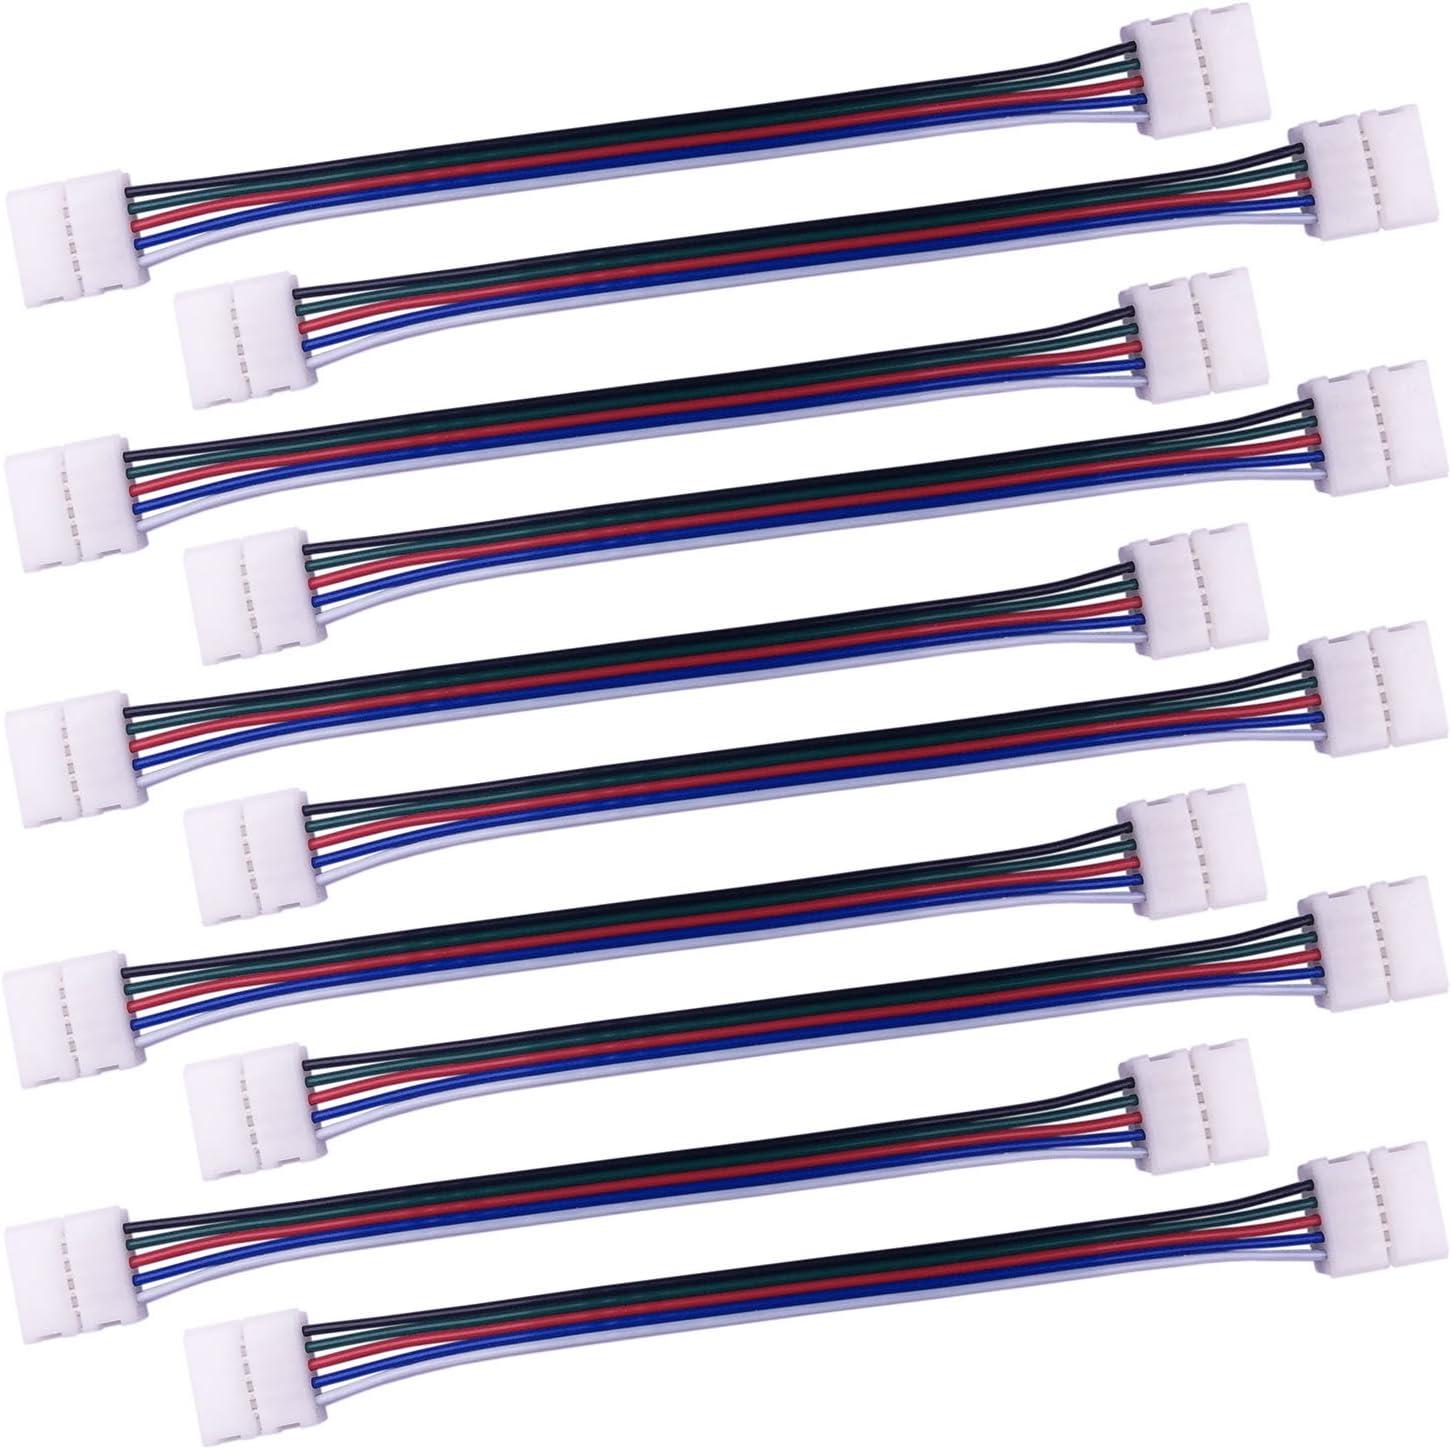 Accessoire ruban led RVB RGB RVBB RGBW Connecteur 4 Ou 5 pins Male//Male par lots